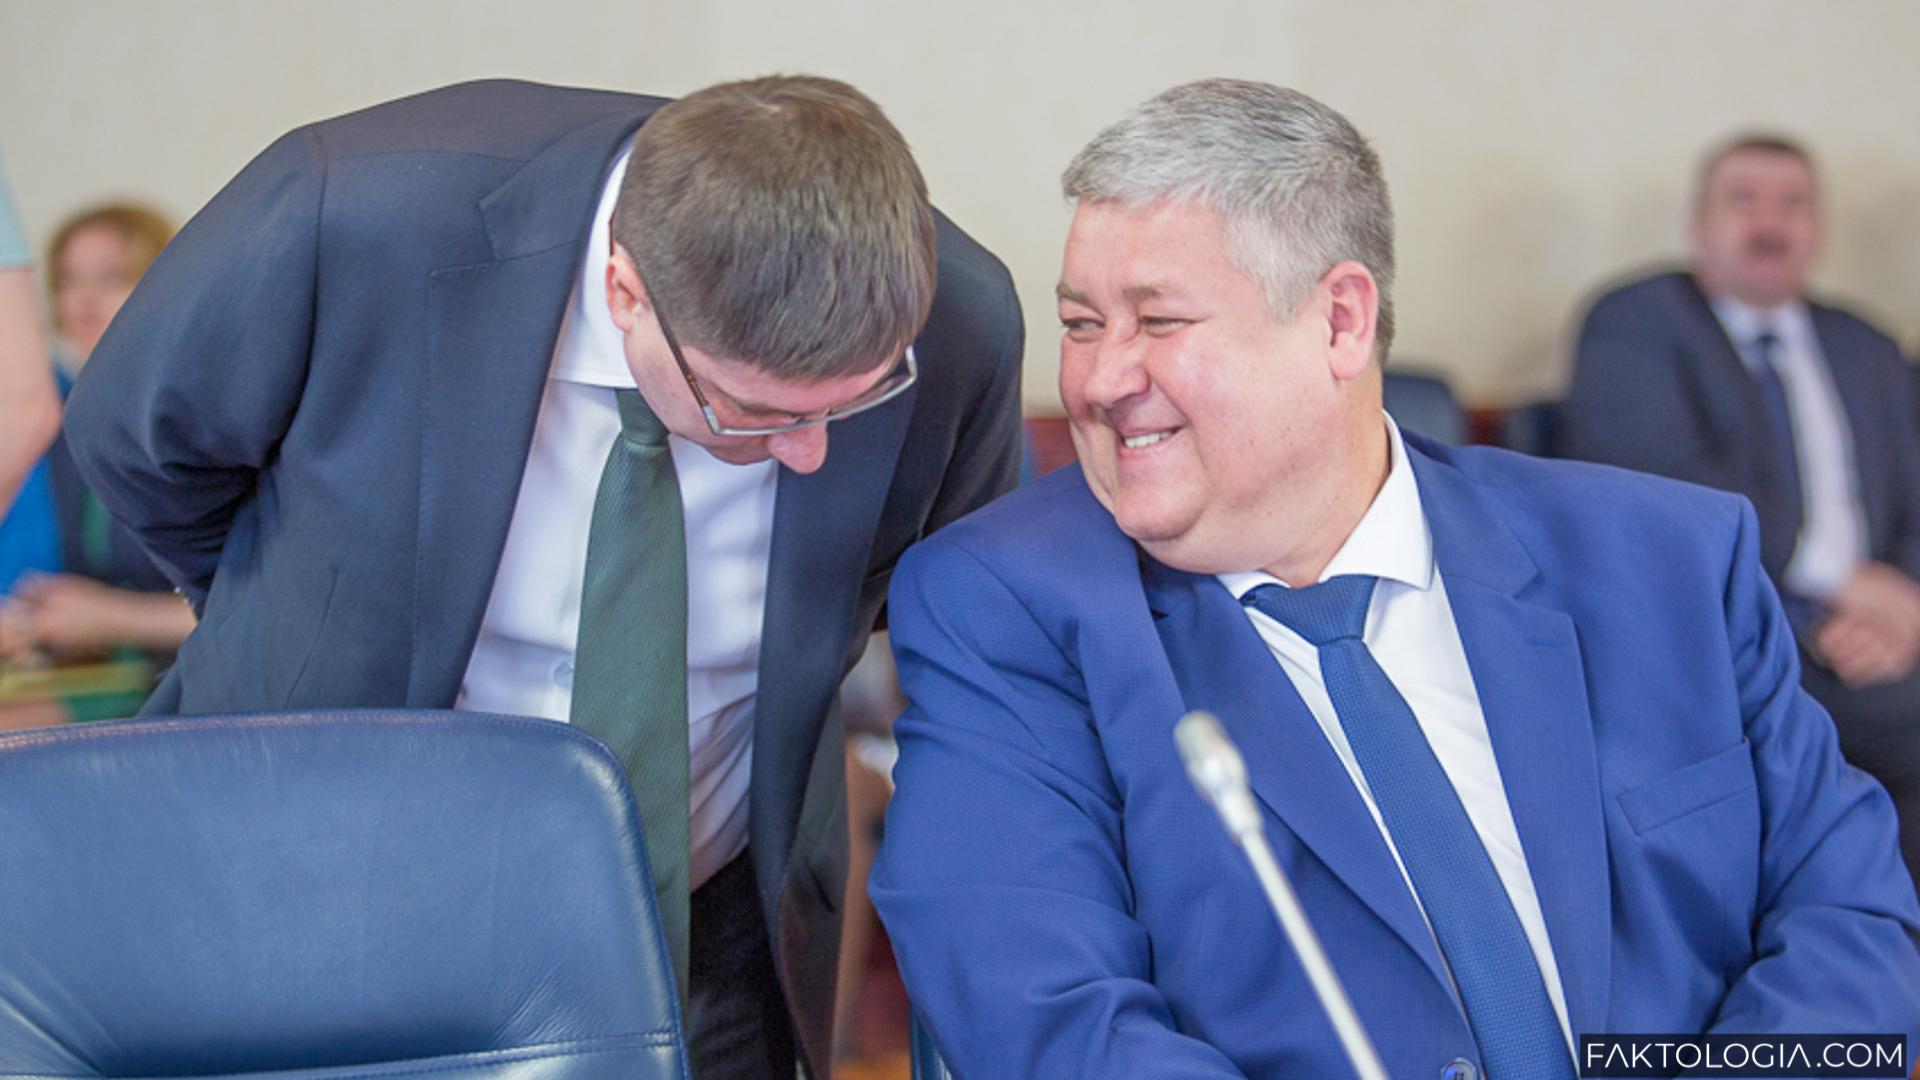 Накануне выборов губернатор ХМАО Комарова остается без ключевого соратника